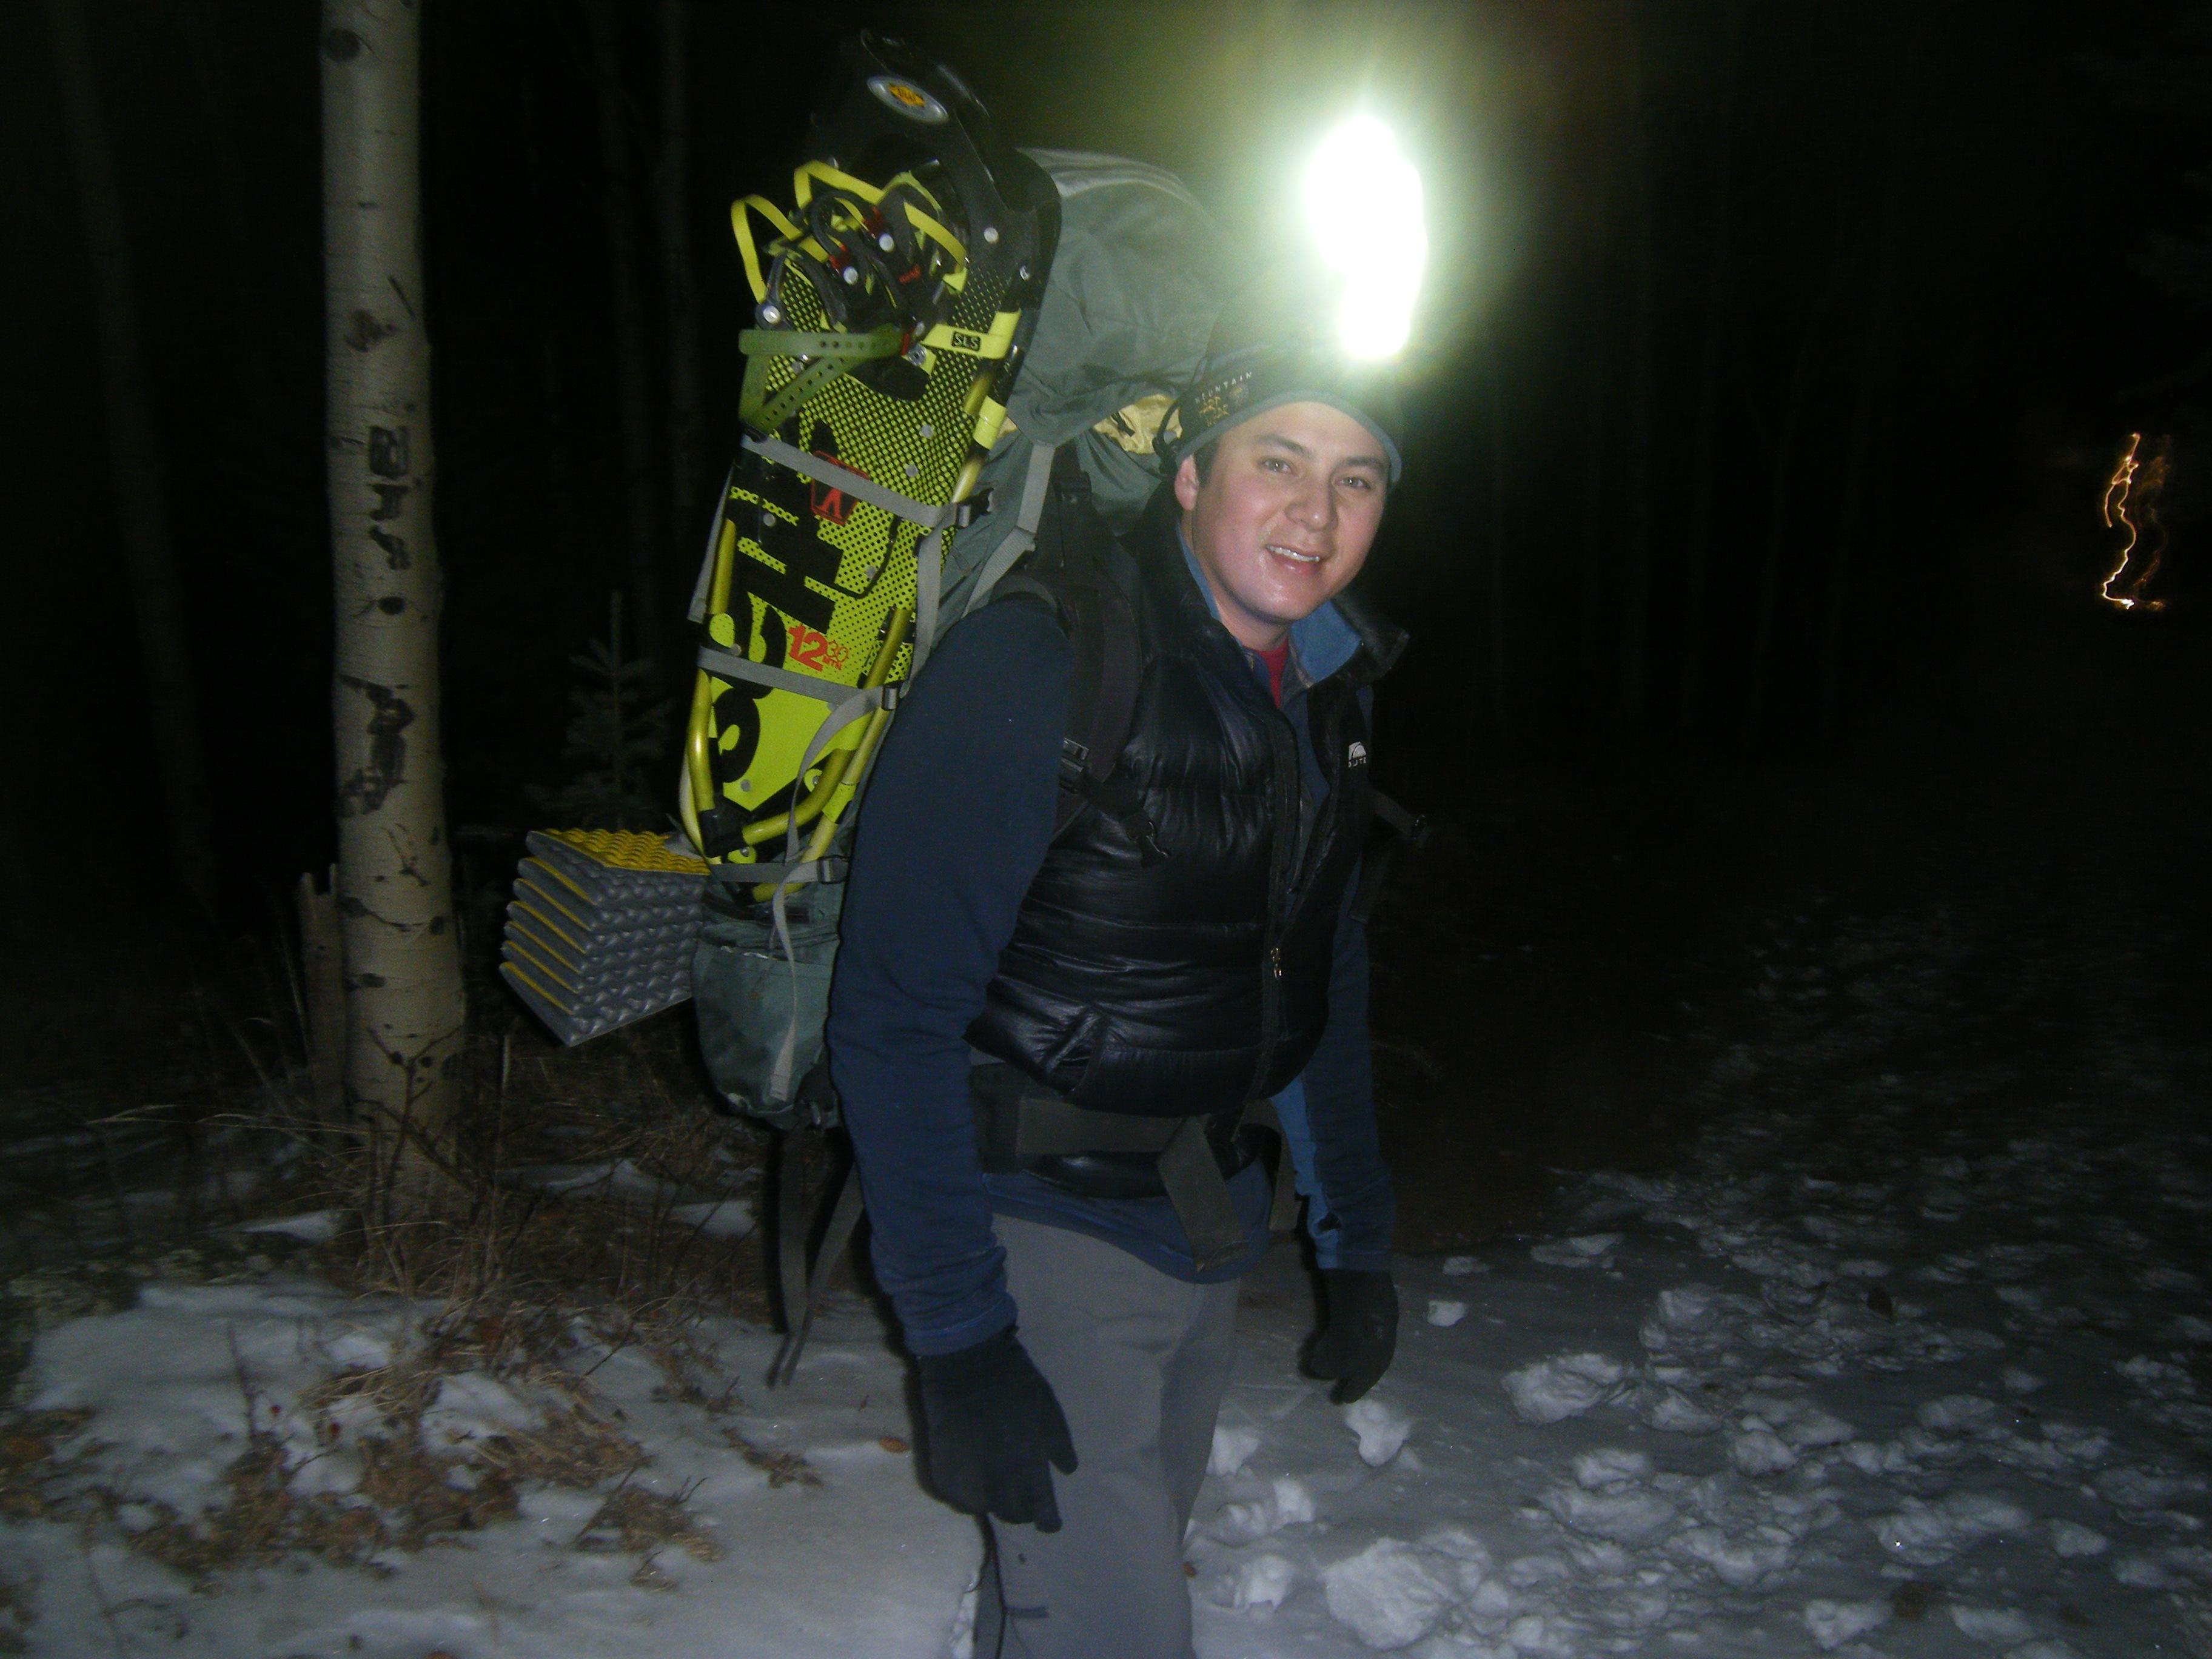 Denver Colorado Snowshoe